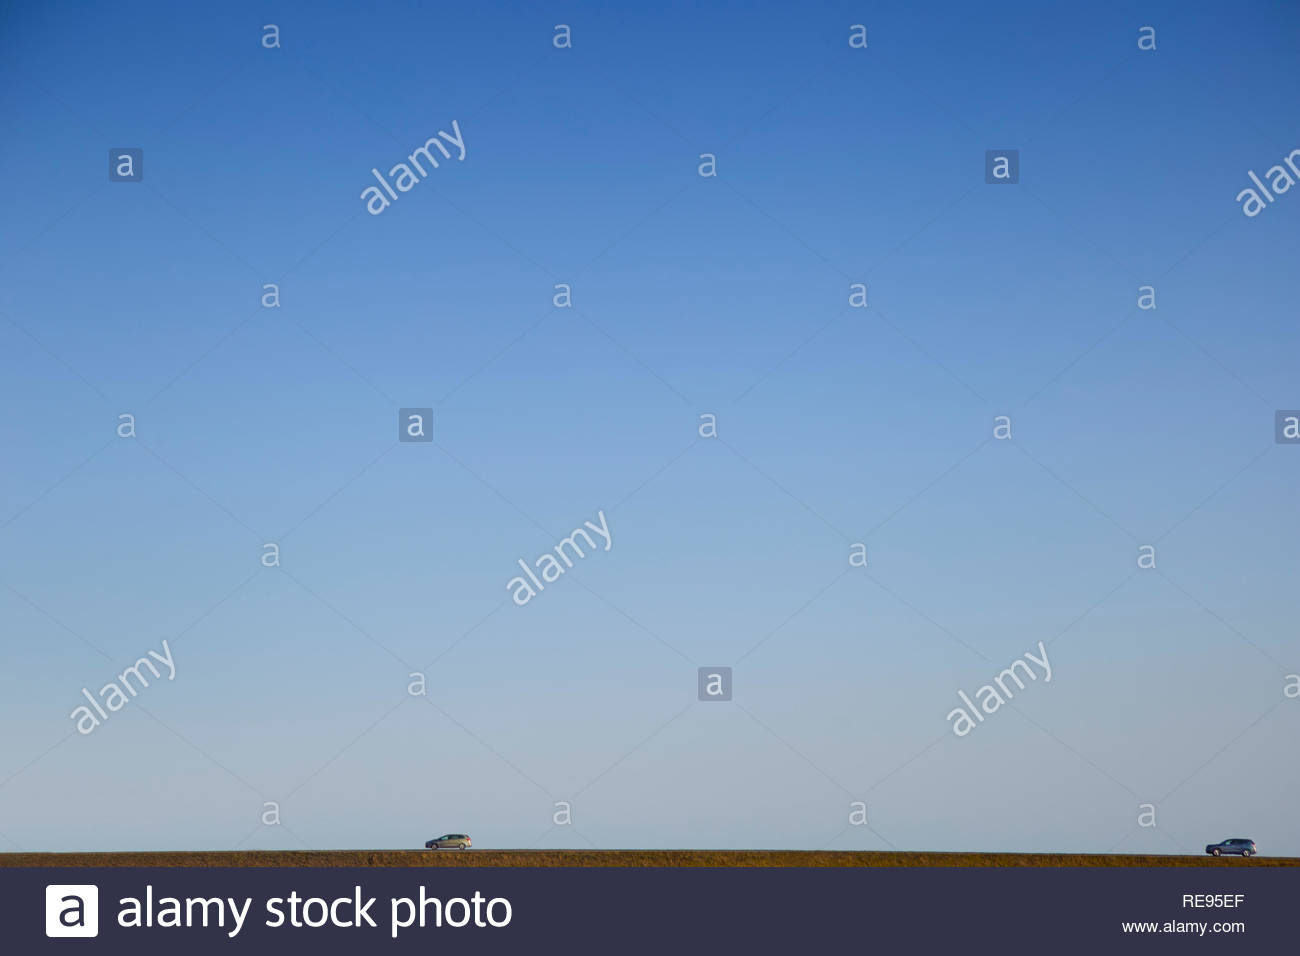 Una imagen minimalista de Islandia en el que dos coches son vistos a lo lejos bajo un cielo azul sin nubes grande Imagen De Stock